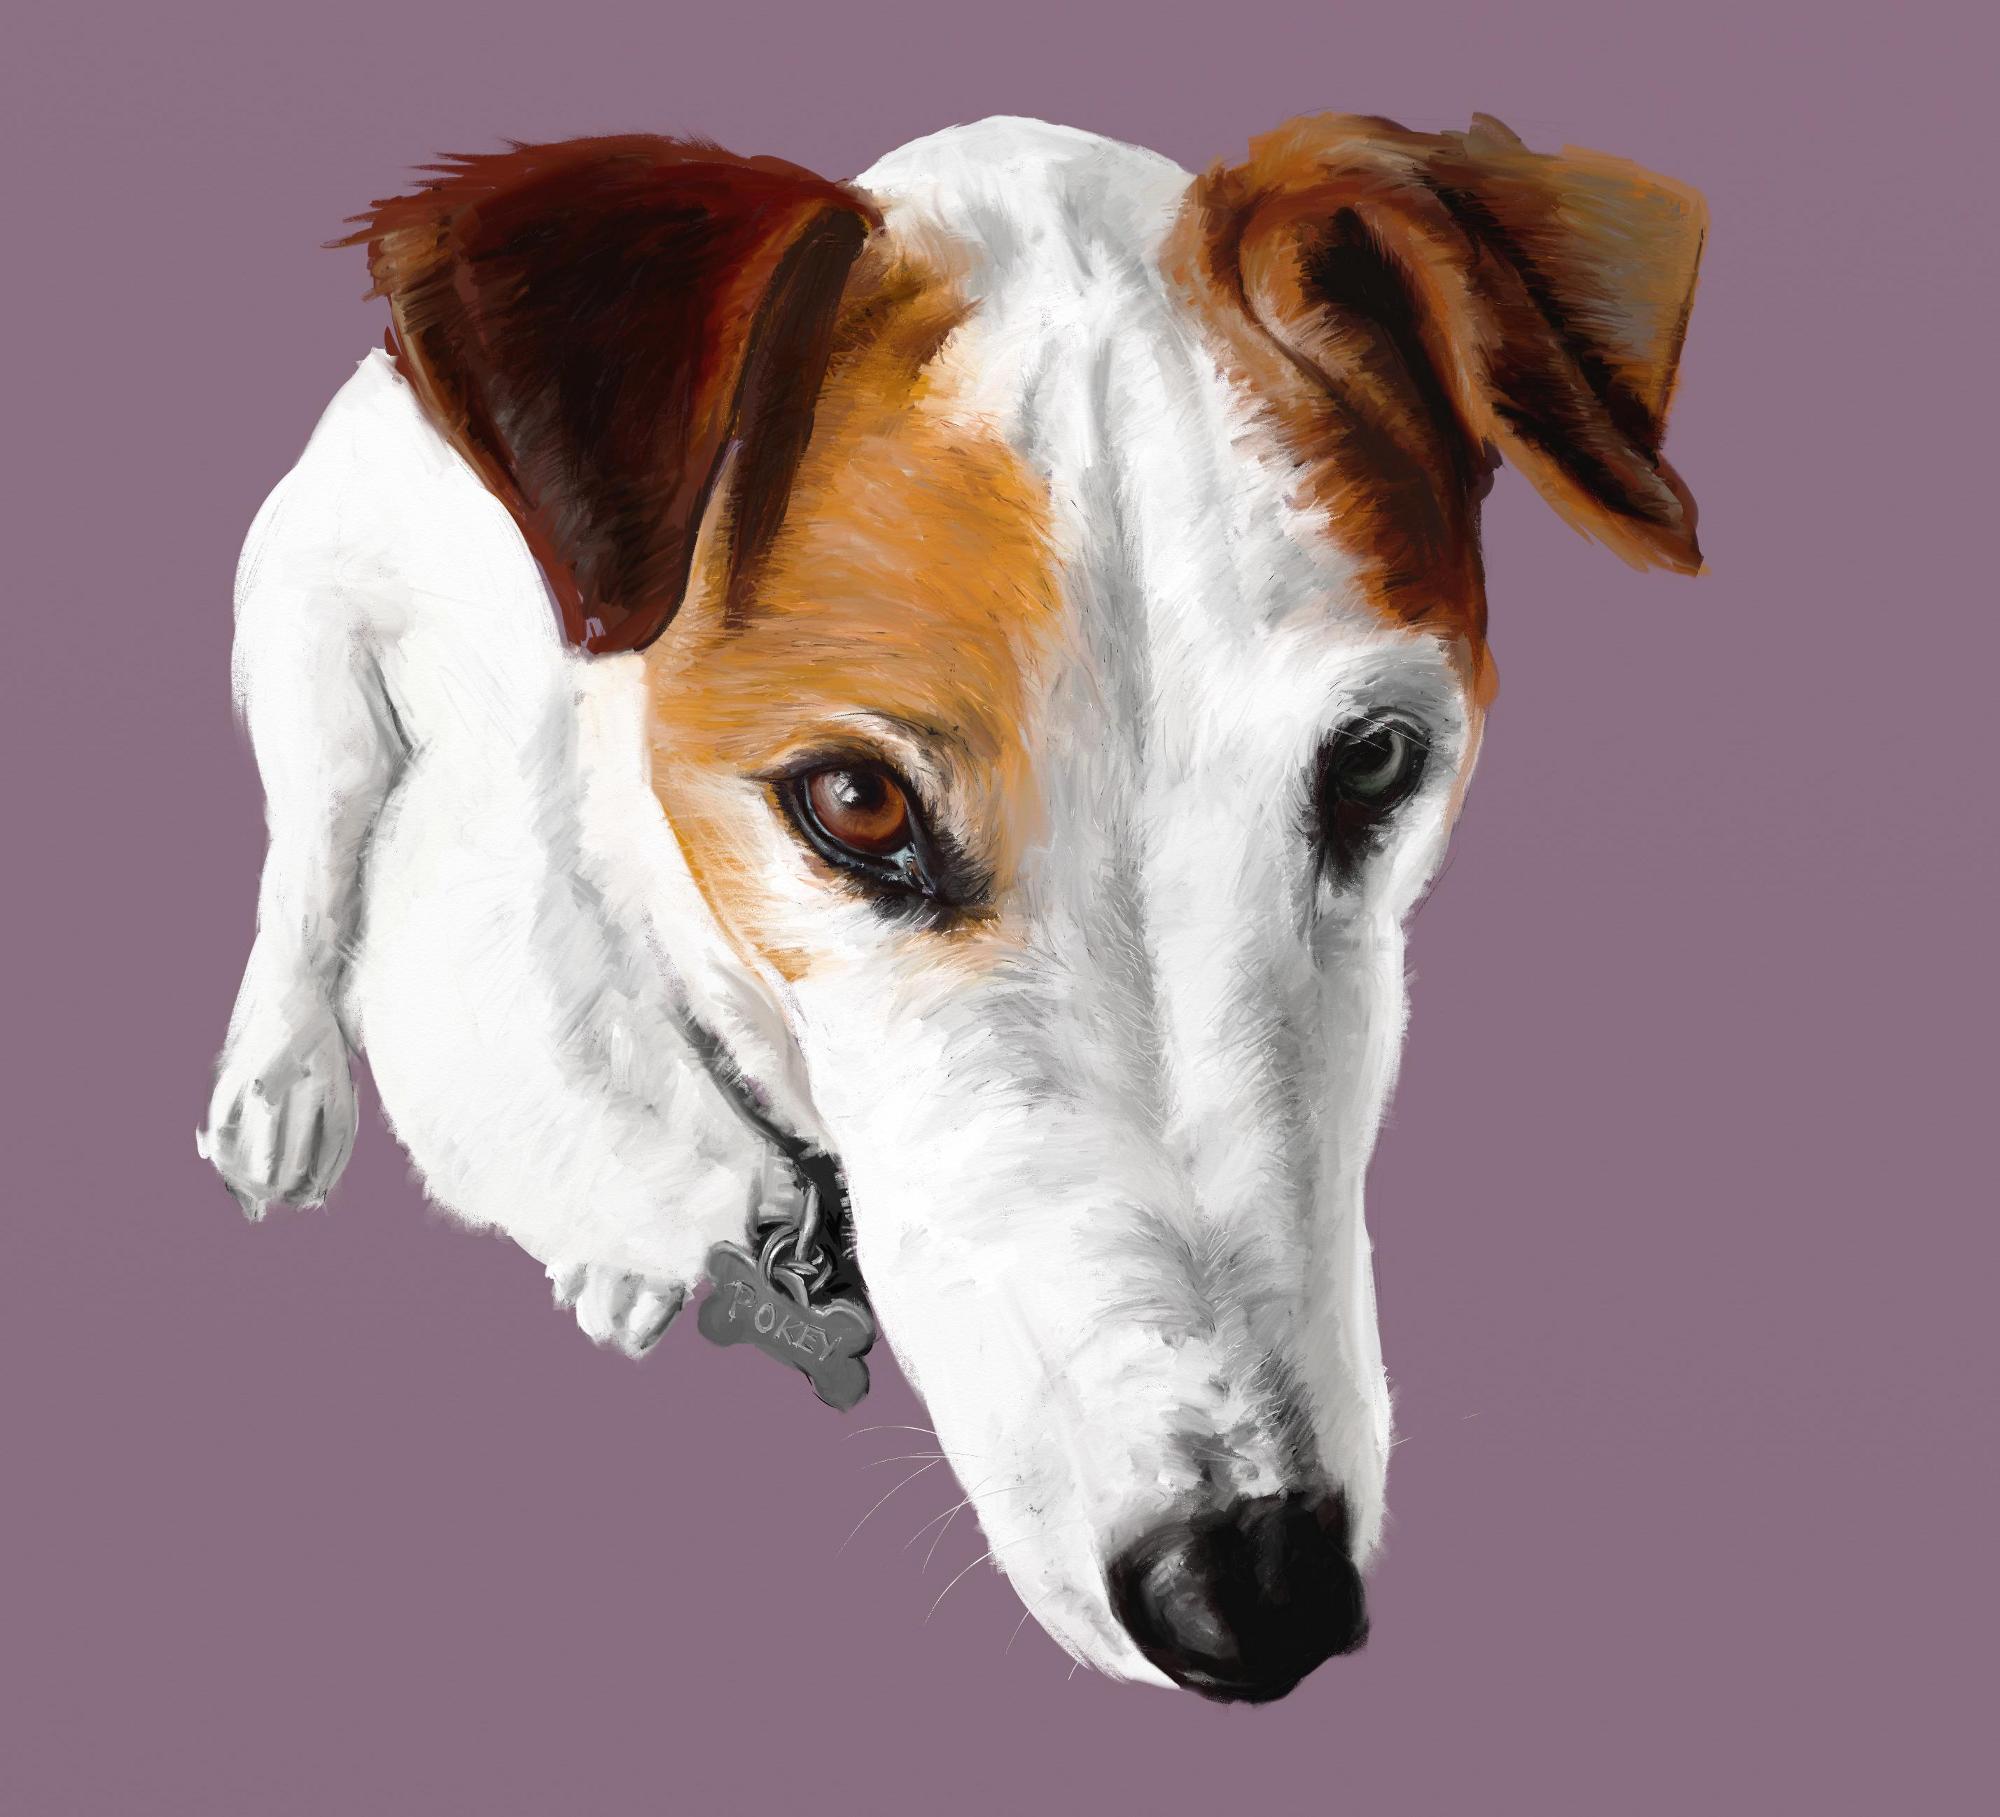 Pokey the Dog